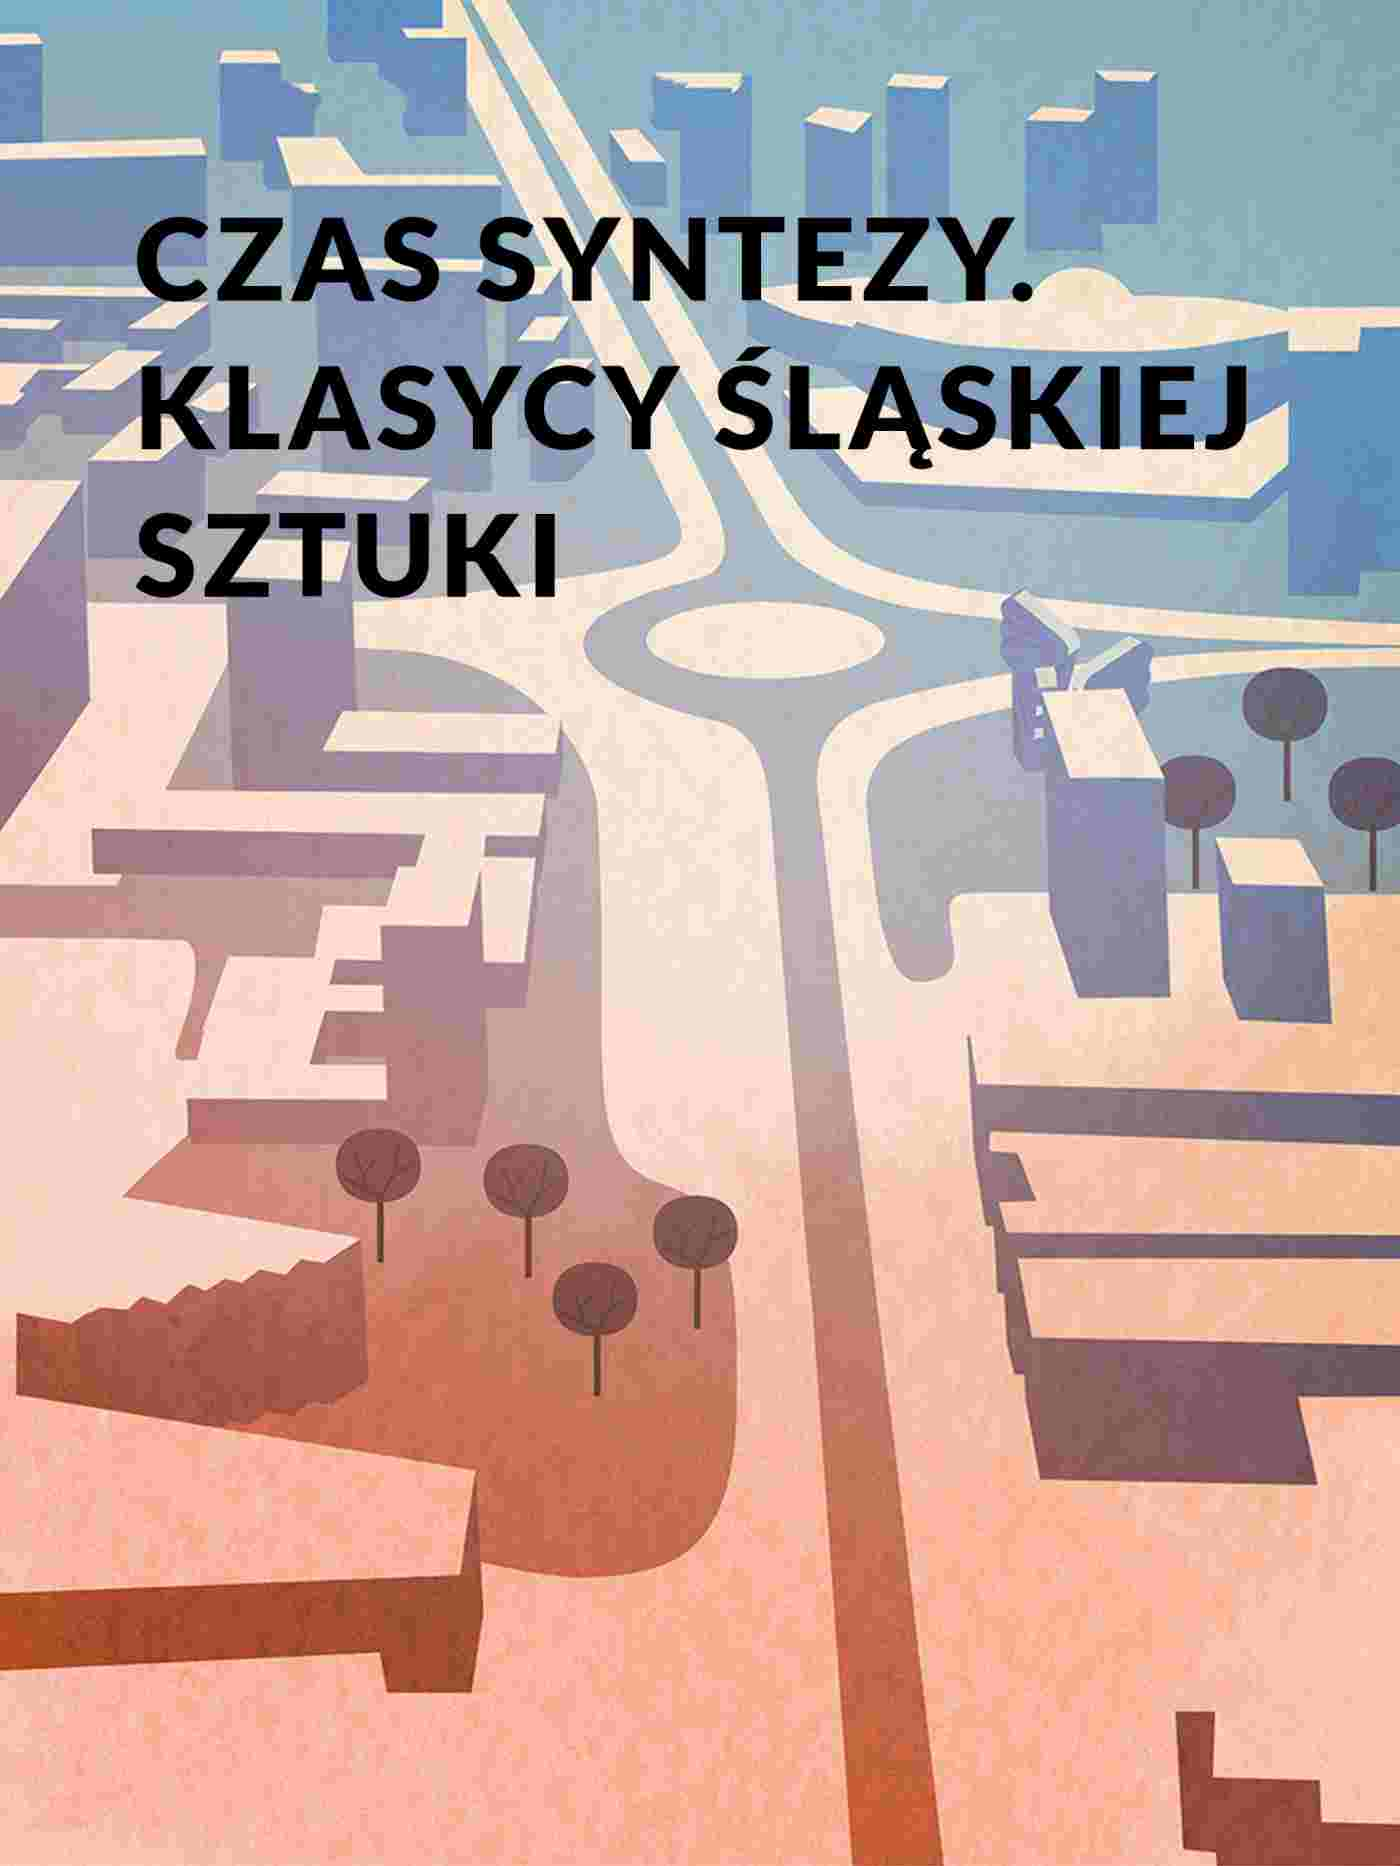 Czas syntezy. Klasycy śląskiej sztuki - Ebook (Książka EPUB) do pobrania w formacie EPUB